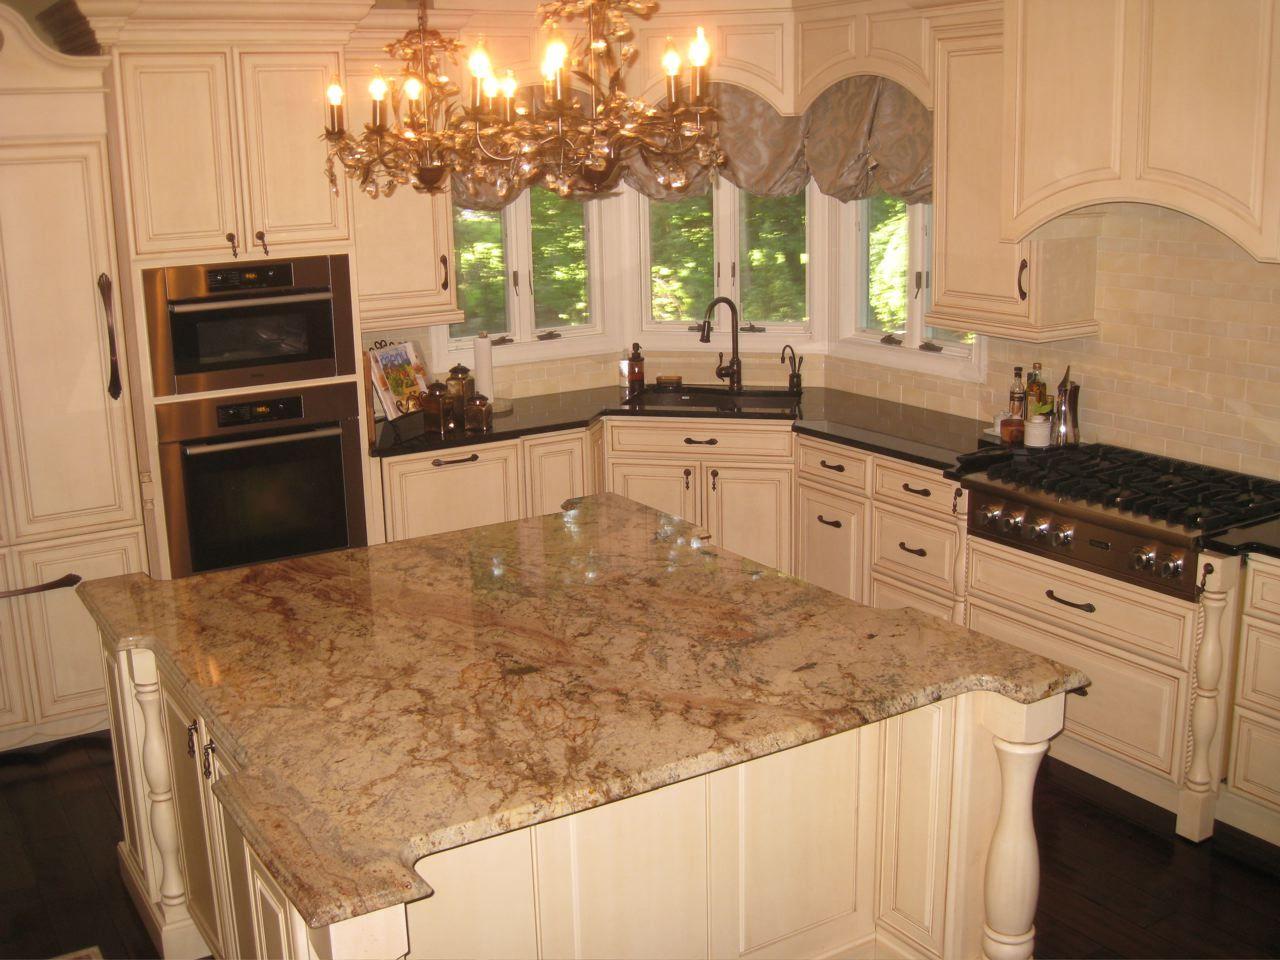 typhoon bordeaux granite kitchen | Typhoon Bordeaux Island ... on Typhoon Bordeaux Granite Backsplash Ideas  id=58863